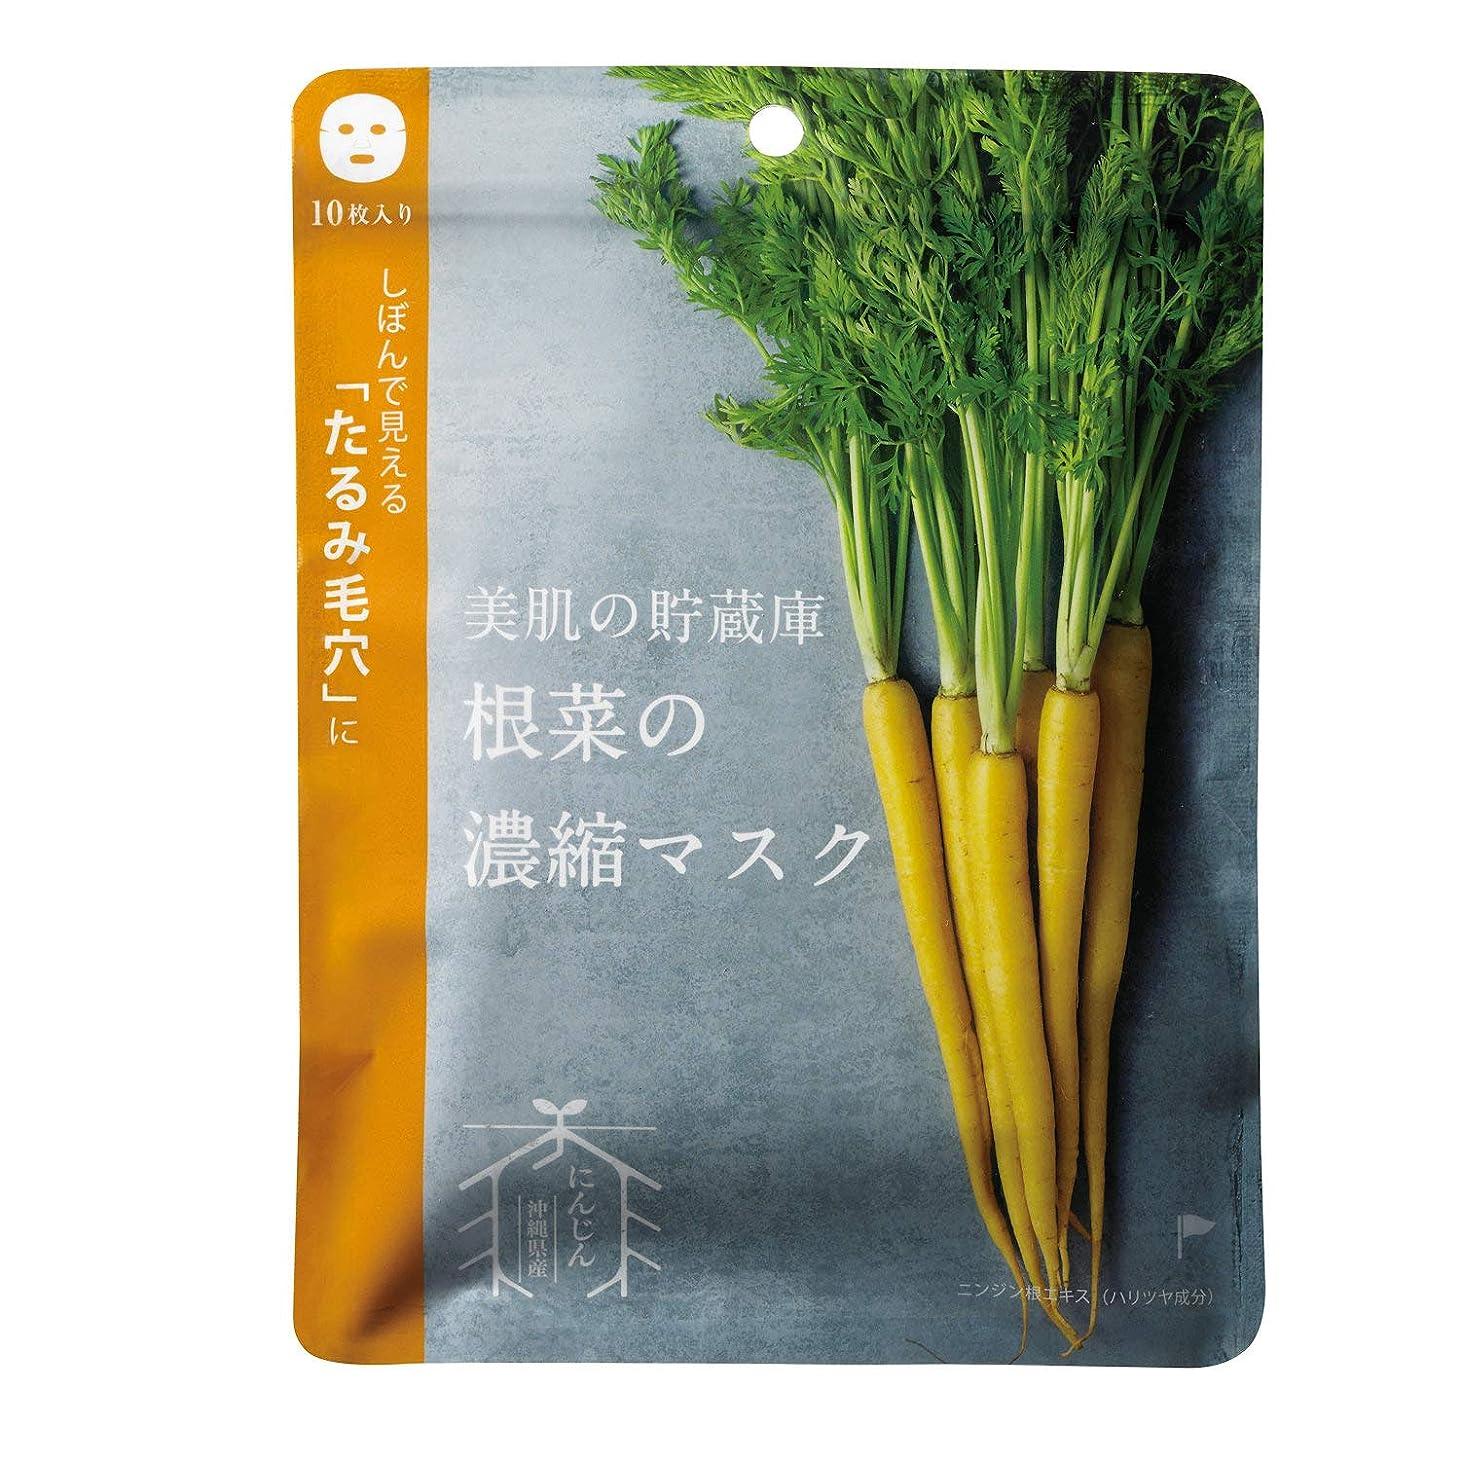 非武装化トーナメントシェア@cosme nippon 美肌の貯蔵庫 根菜の濃縮マスク 島にんじん 10枚 160ml